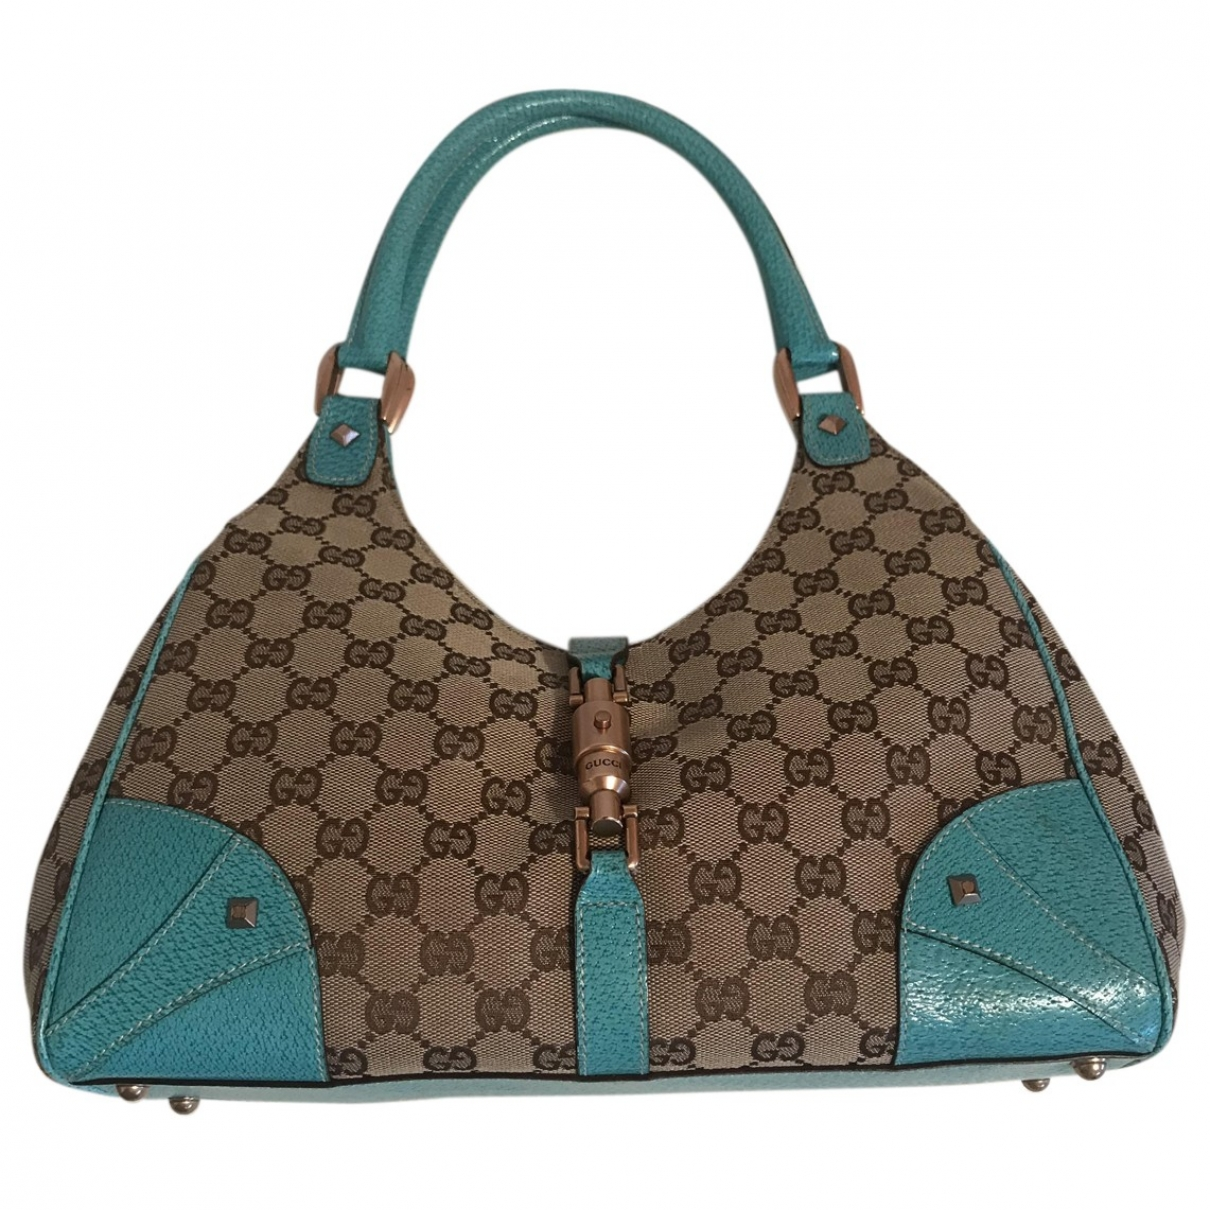 Gucci - Sac a main   pour femme en toile - turquoise